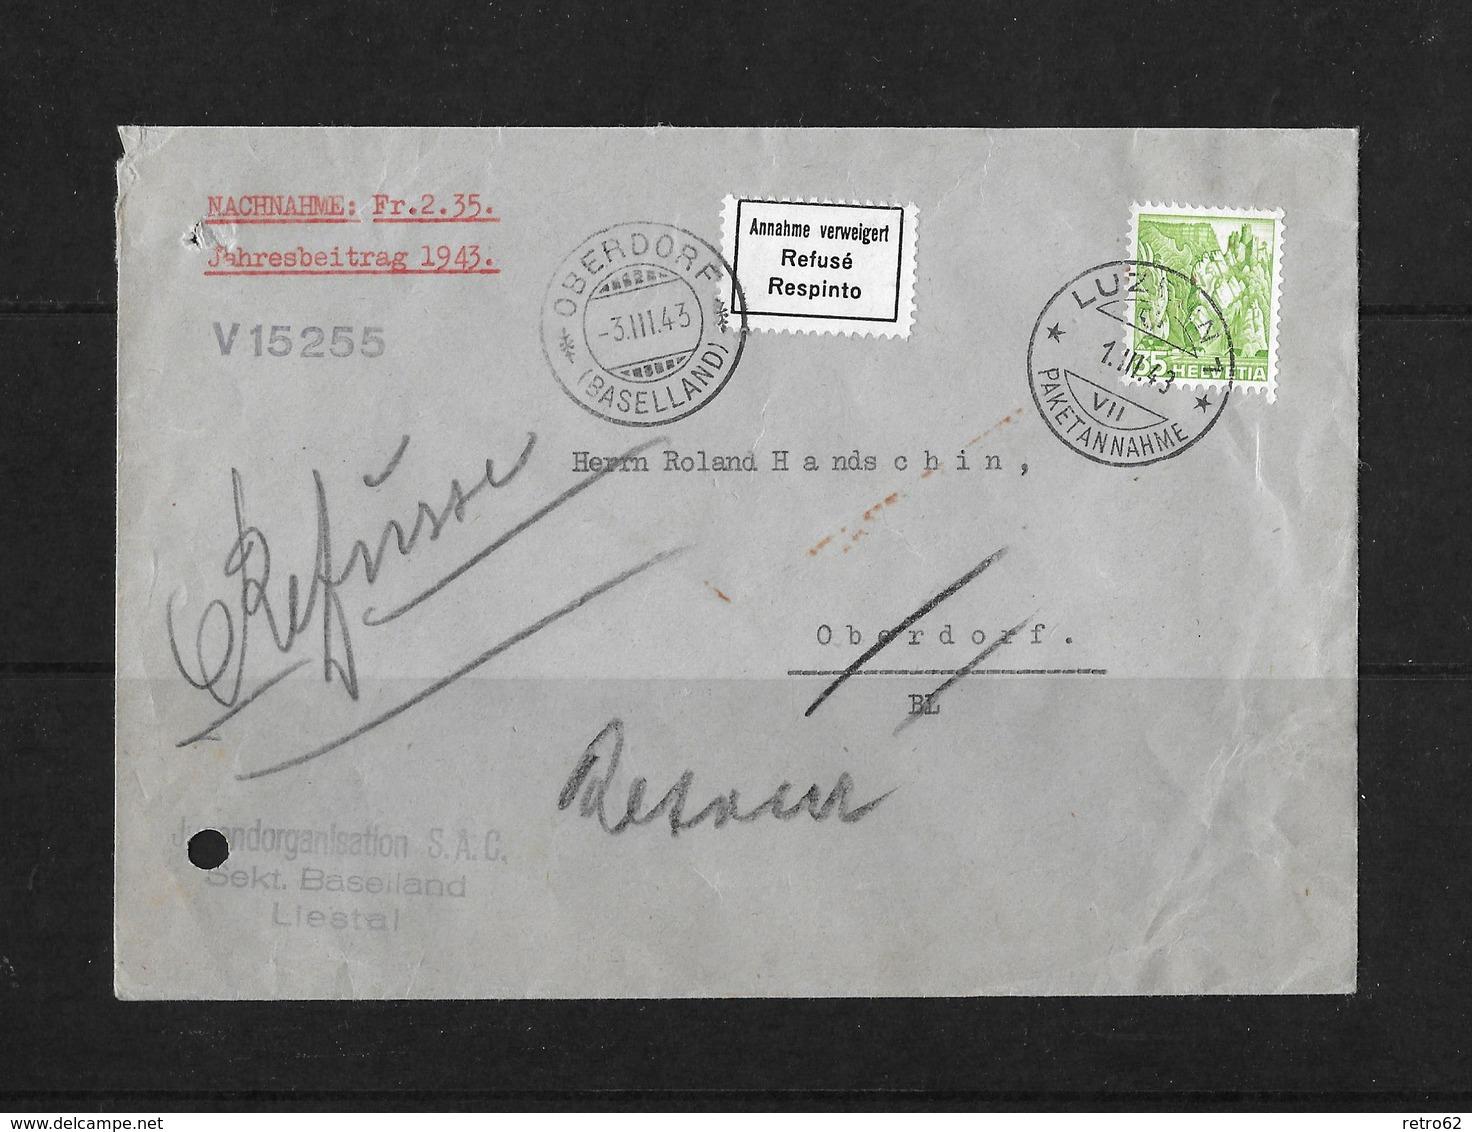 HEIMAT BASELLAND → 1943 Liestal Jugendorganisation S.A.C. Verweigerte Nachnahme - Suisse